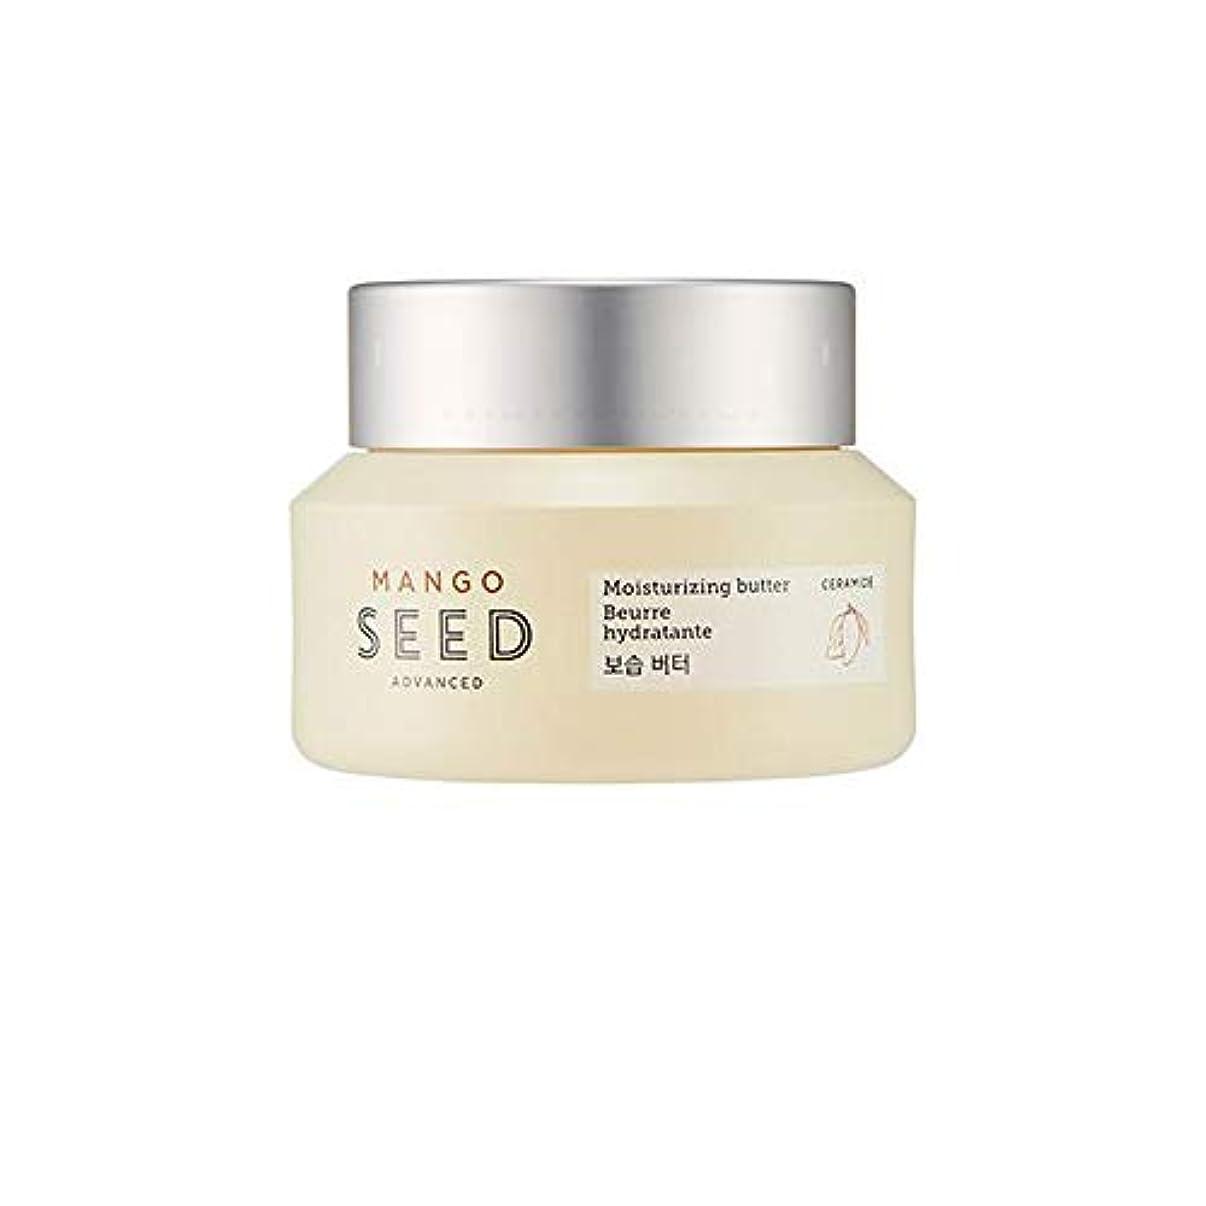 セールスマン原告内陸[ザフェイスショップ] THE FACE SHOP マンゴシードシルク保湿フェイシャルバター(50ml) The Face Shop Mango Seed Silk Moisturizing Facial Butter...